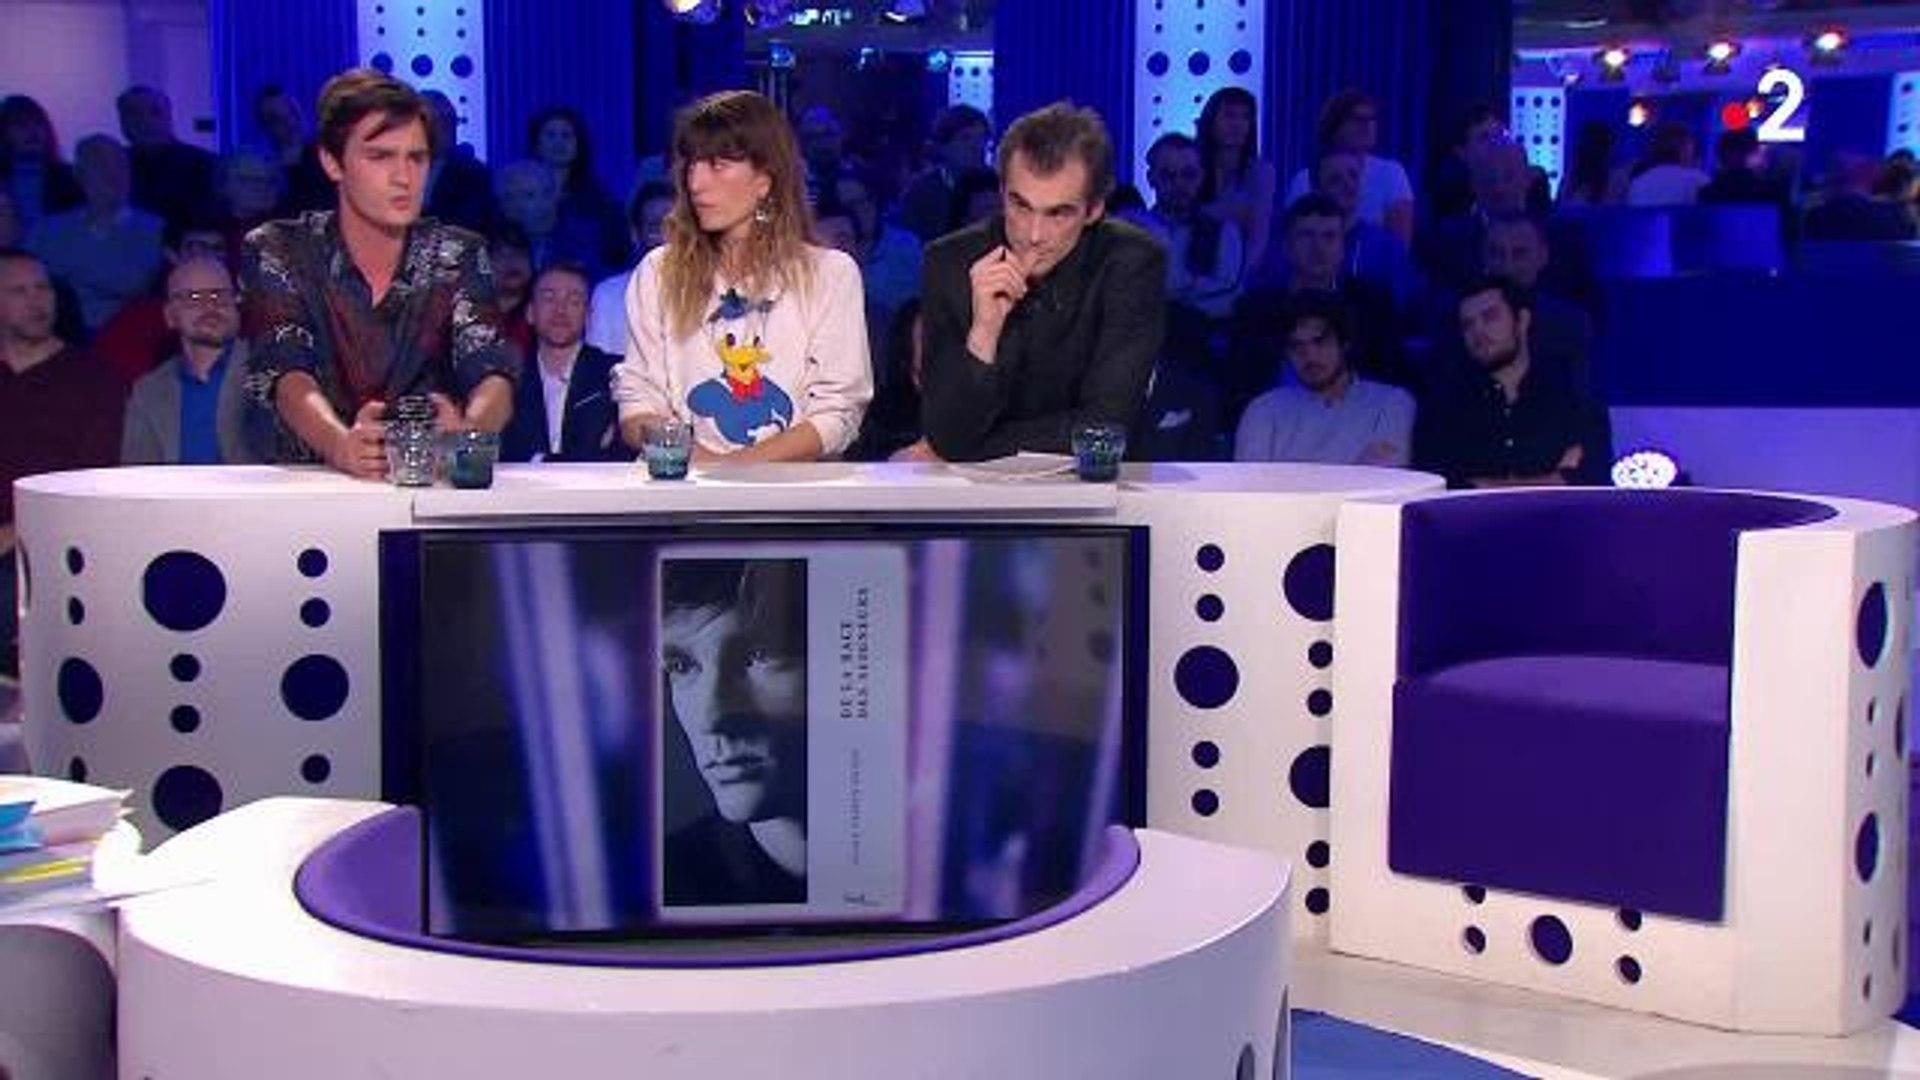 VIDEO. Les questions de Laurent Ruquier n'ont pas du tout plu à Alain-Fabien Delon dans